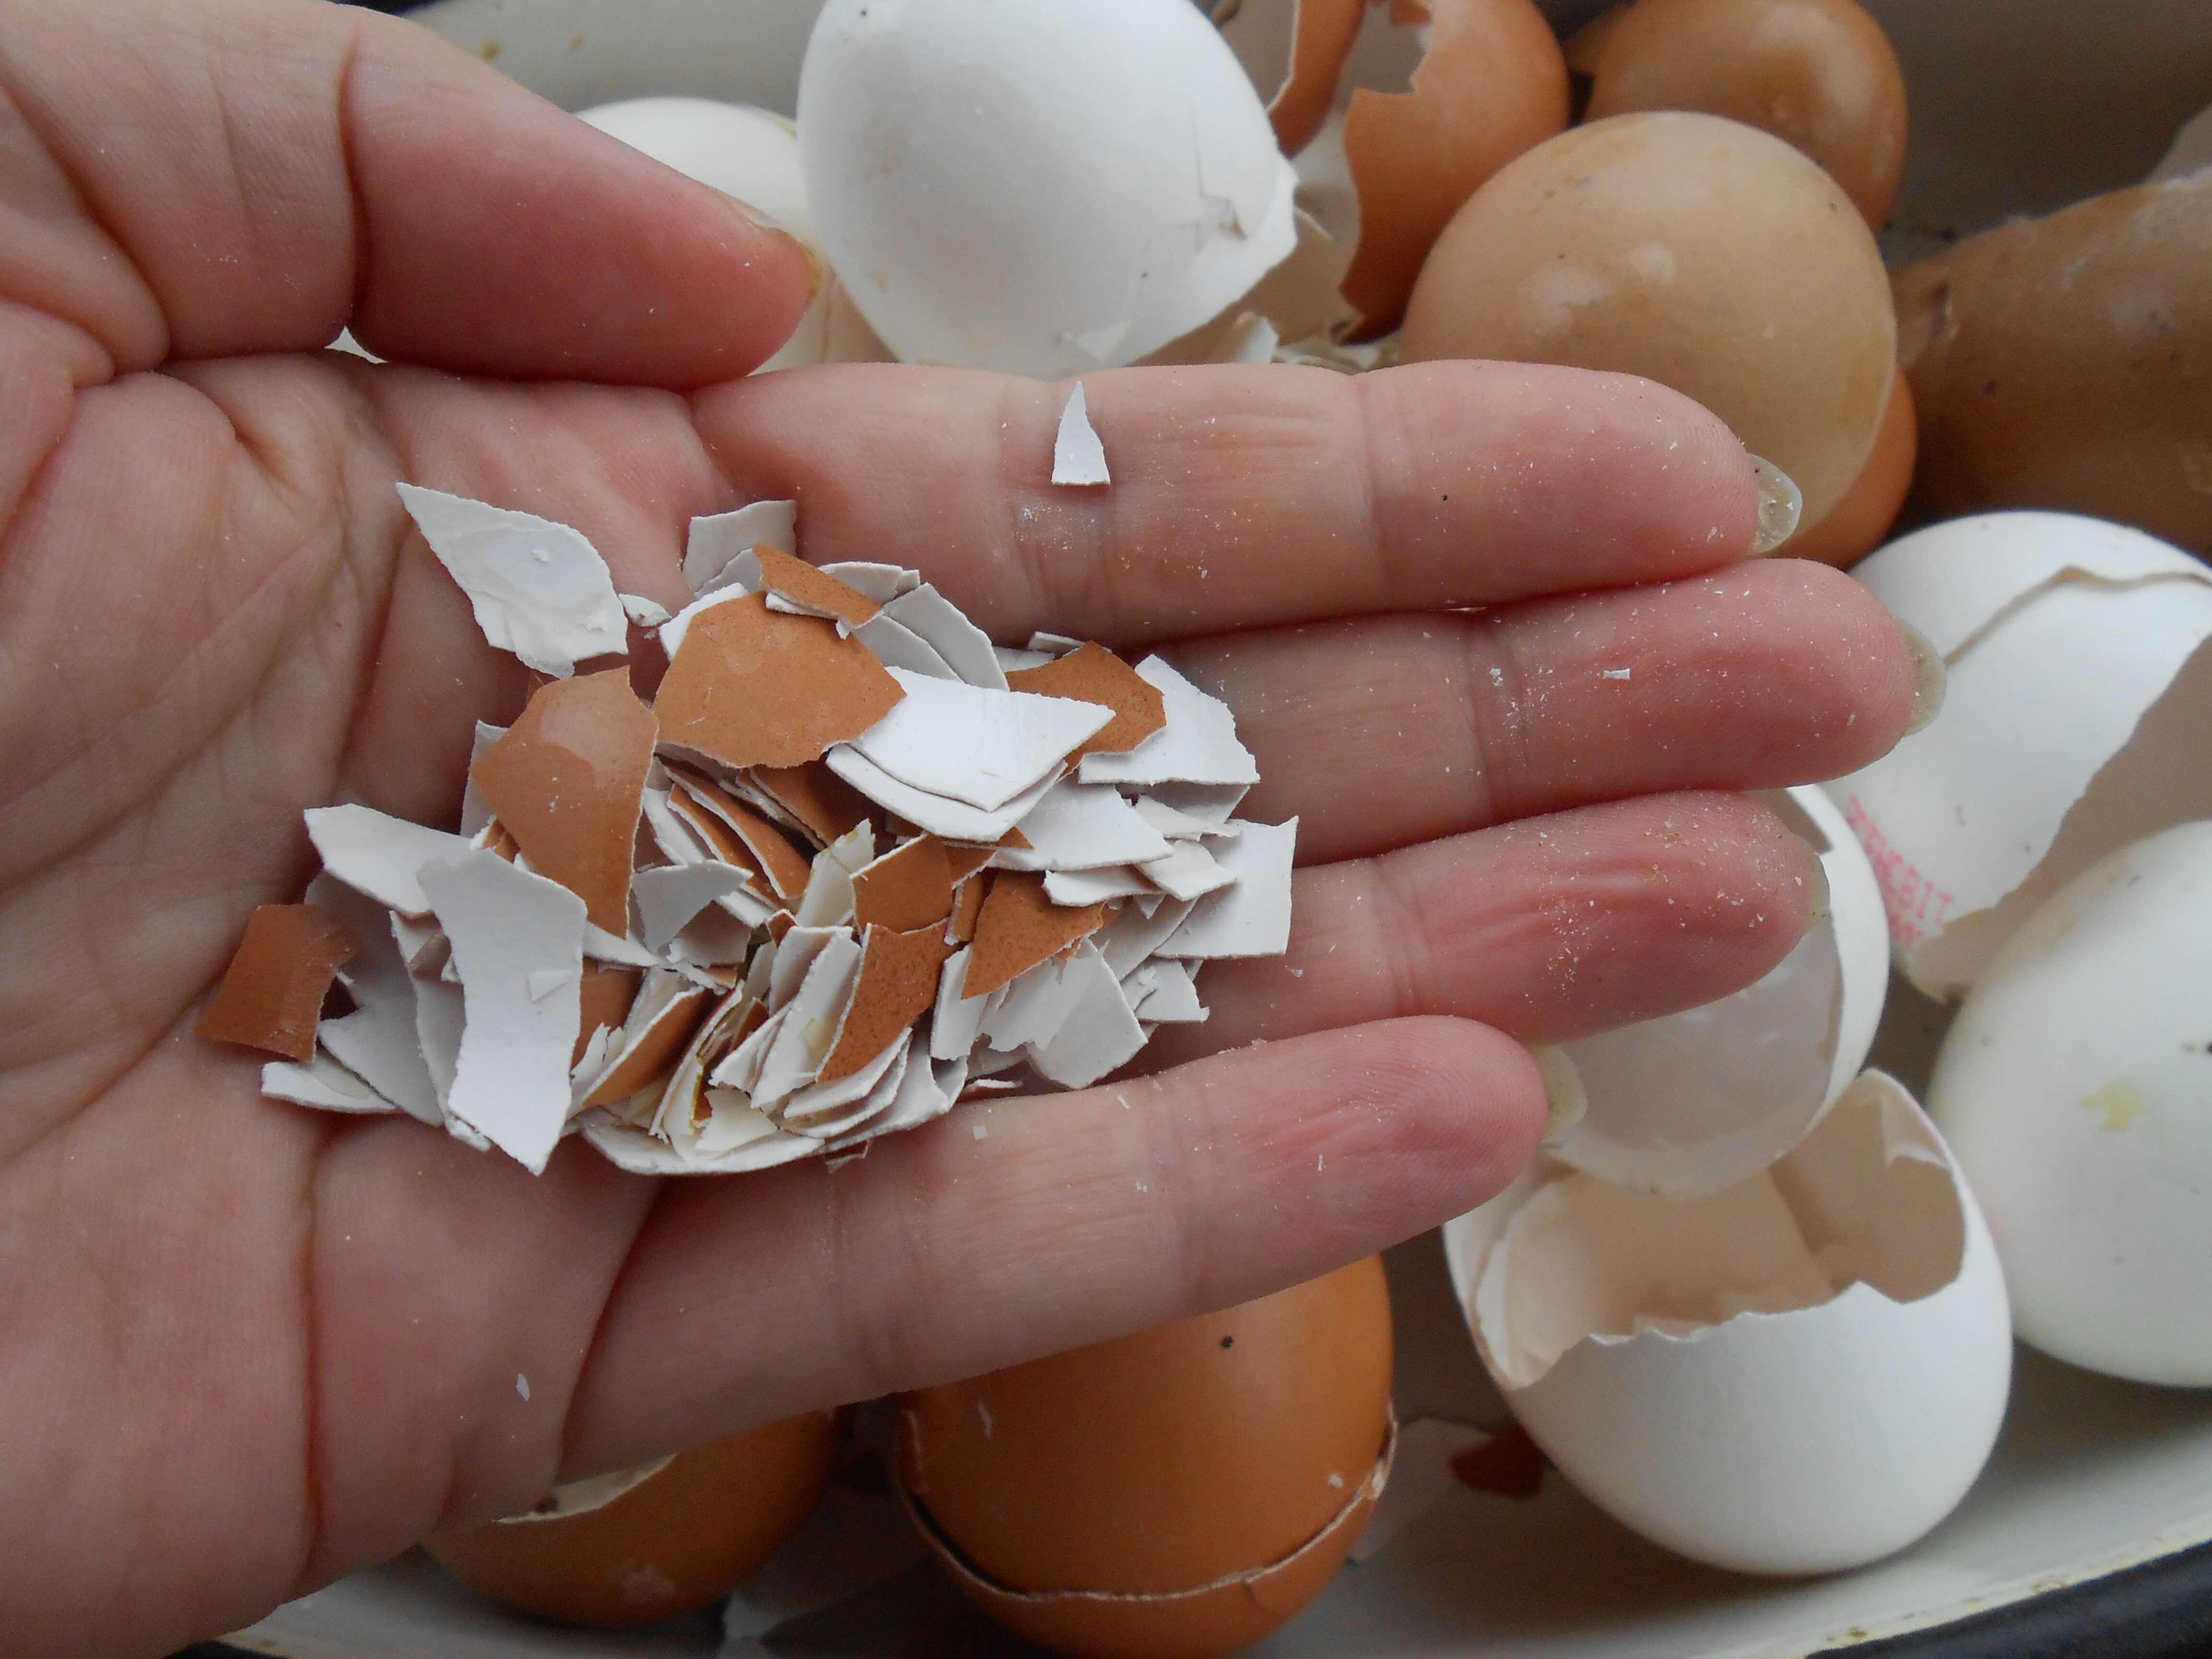 На фото: яичная скорлупа как удобрение (авторское фото)